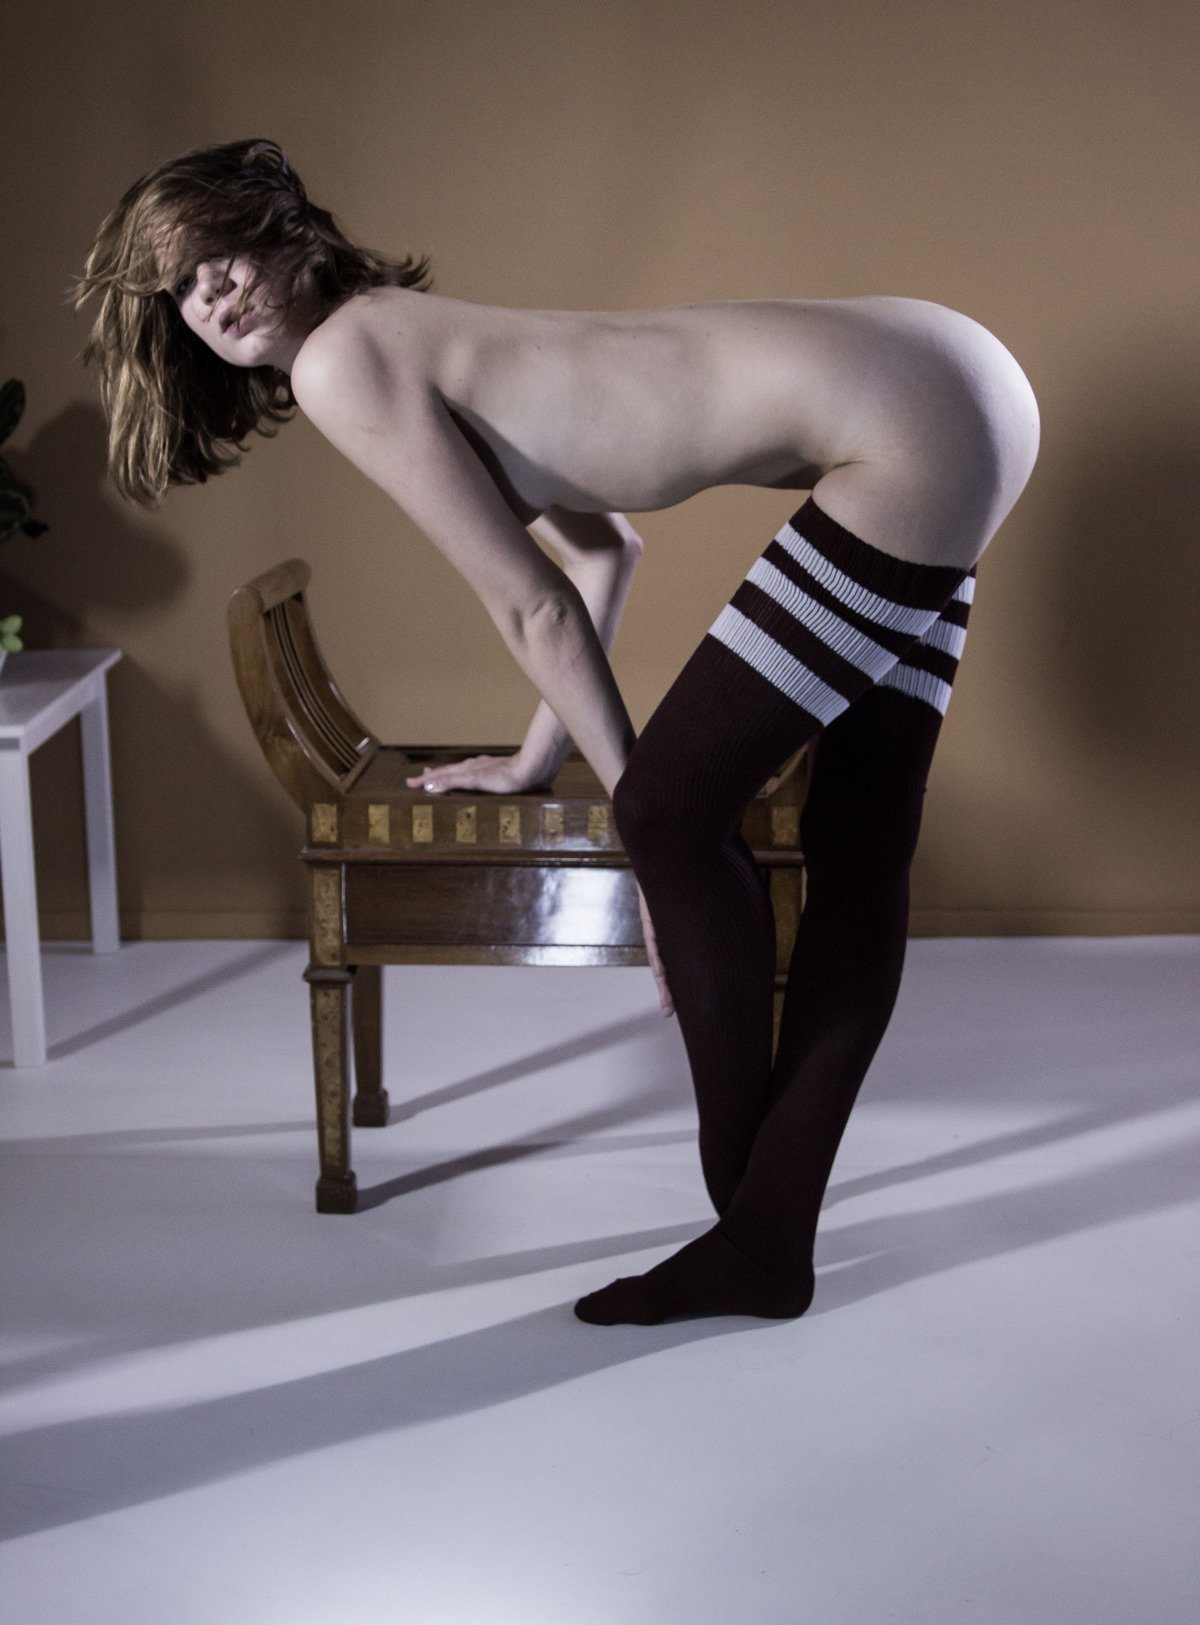 в полосатых чулочках порно фото